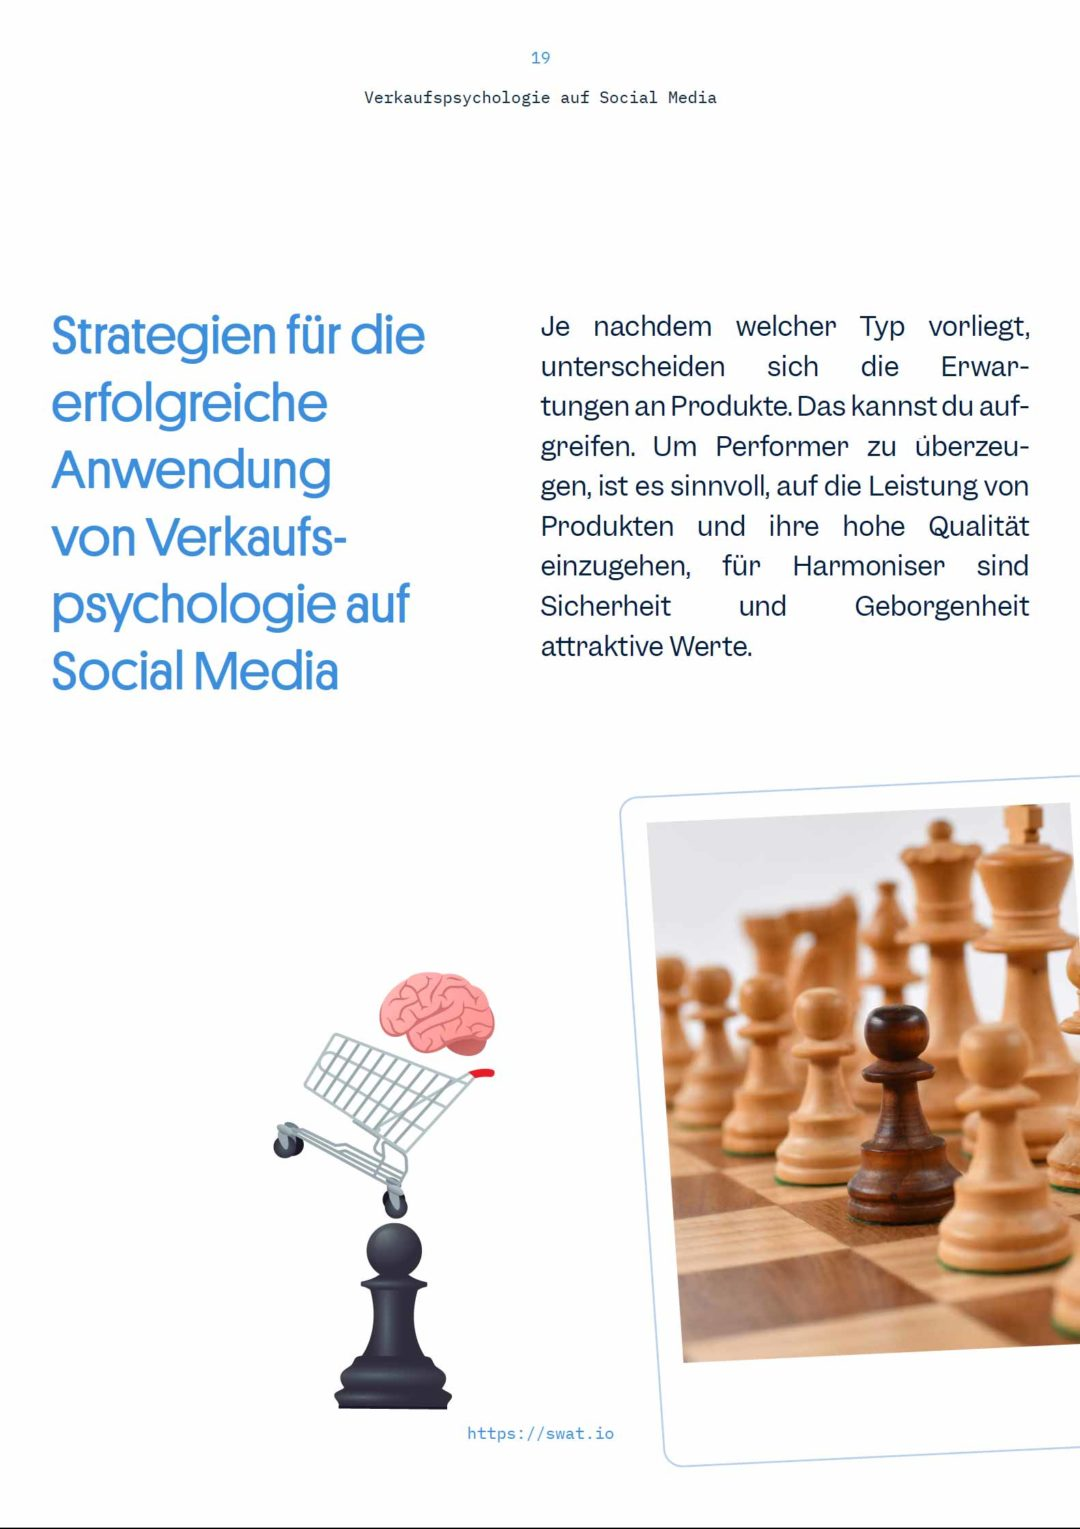 Verkaufspsychologie Seite 19